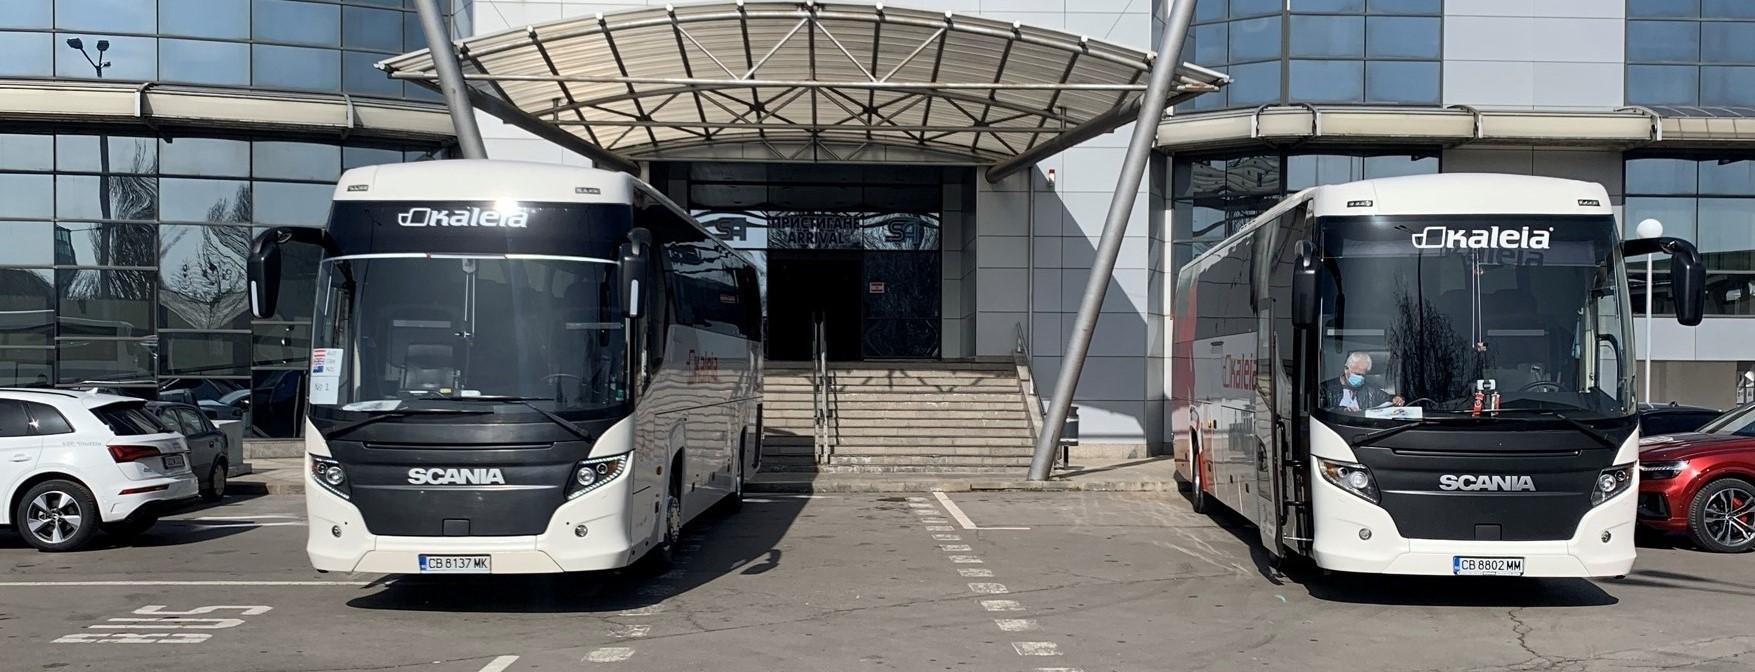 Scania Touring VIP